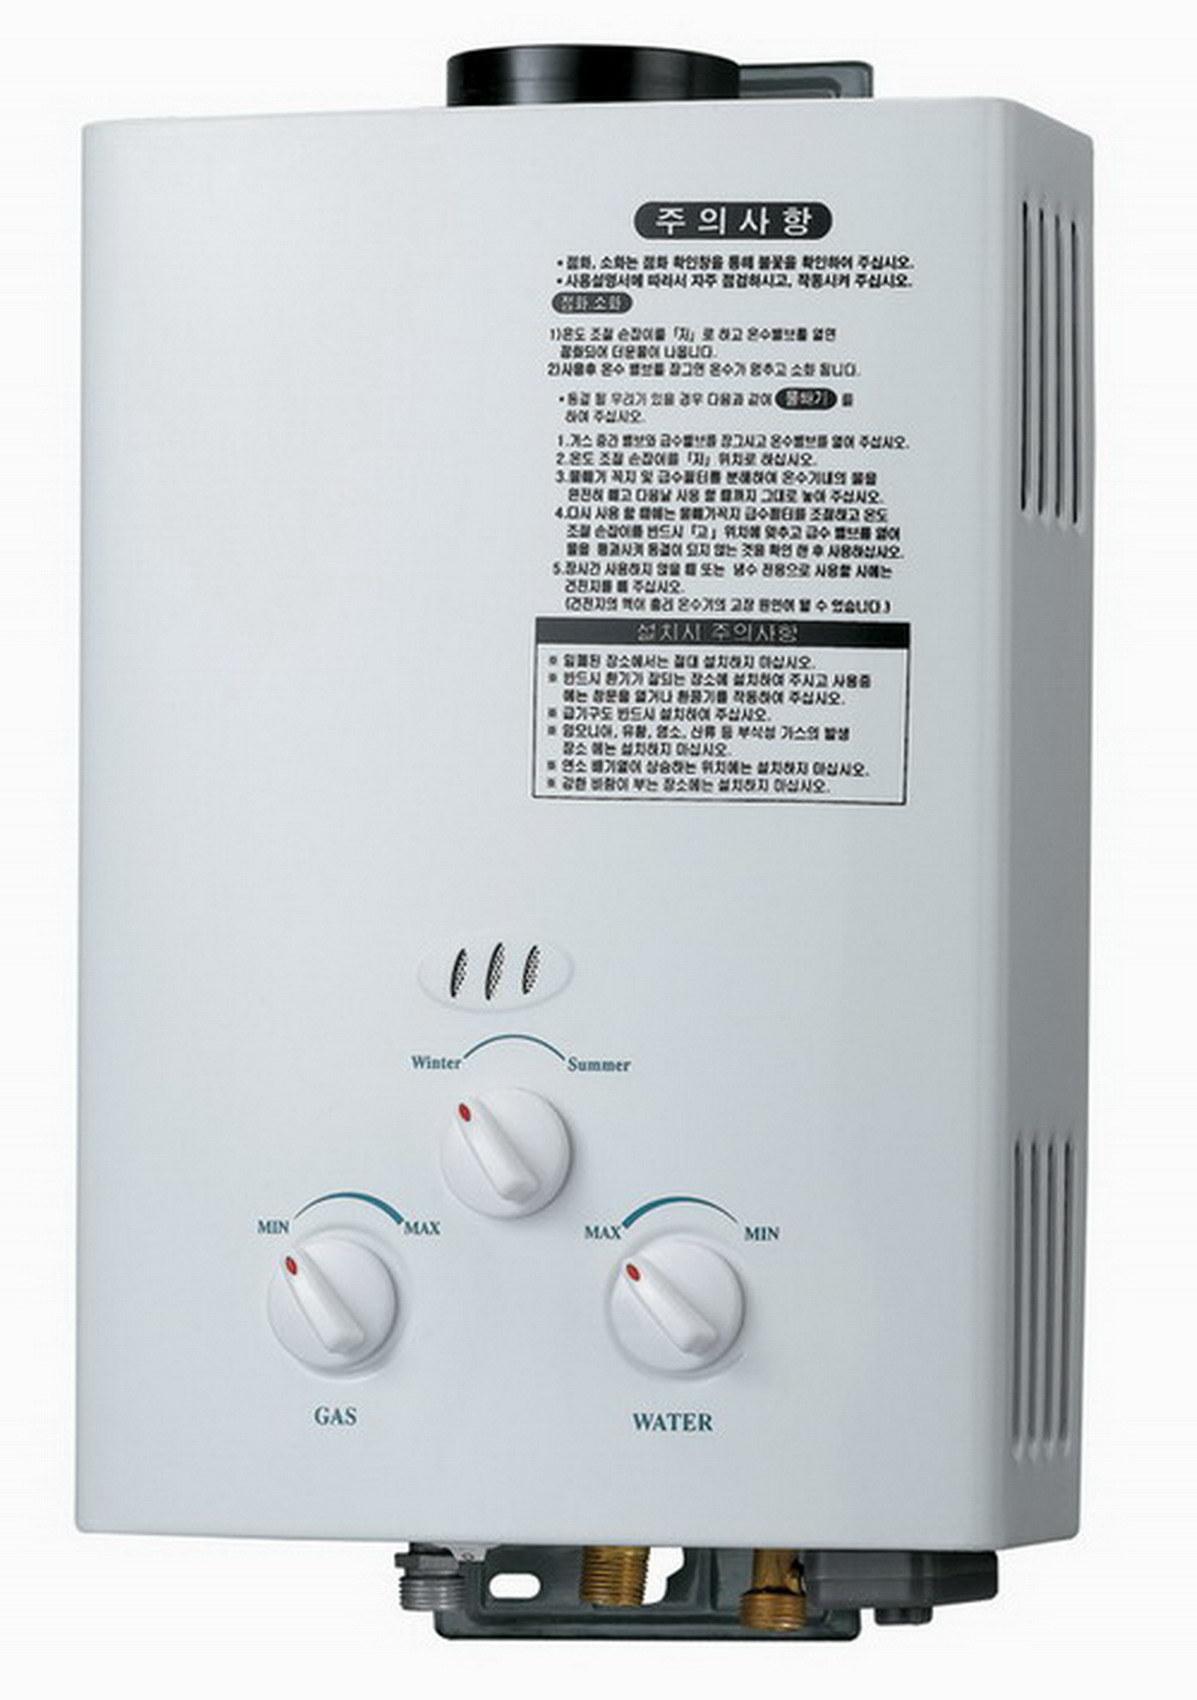 6-12litre Flue Instant Gas Water Heater Jsd-Scj-A4